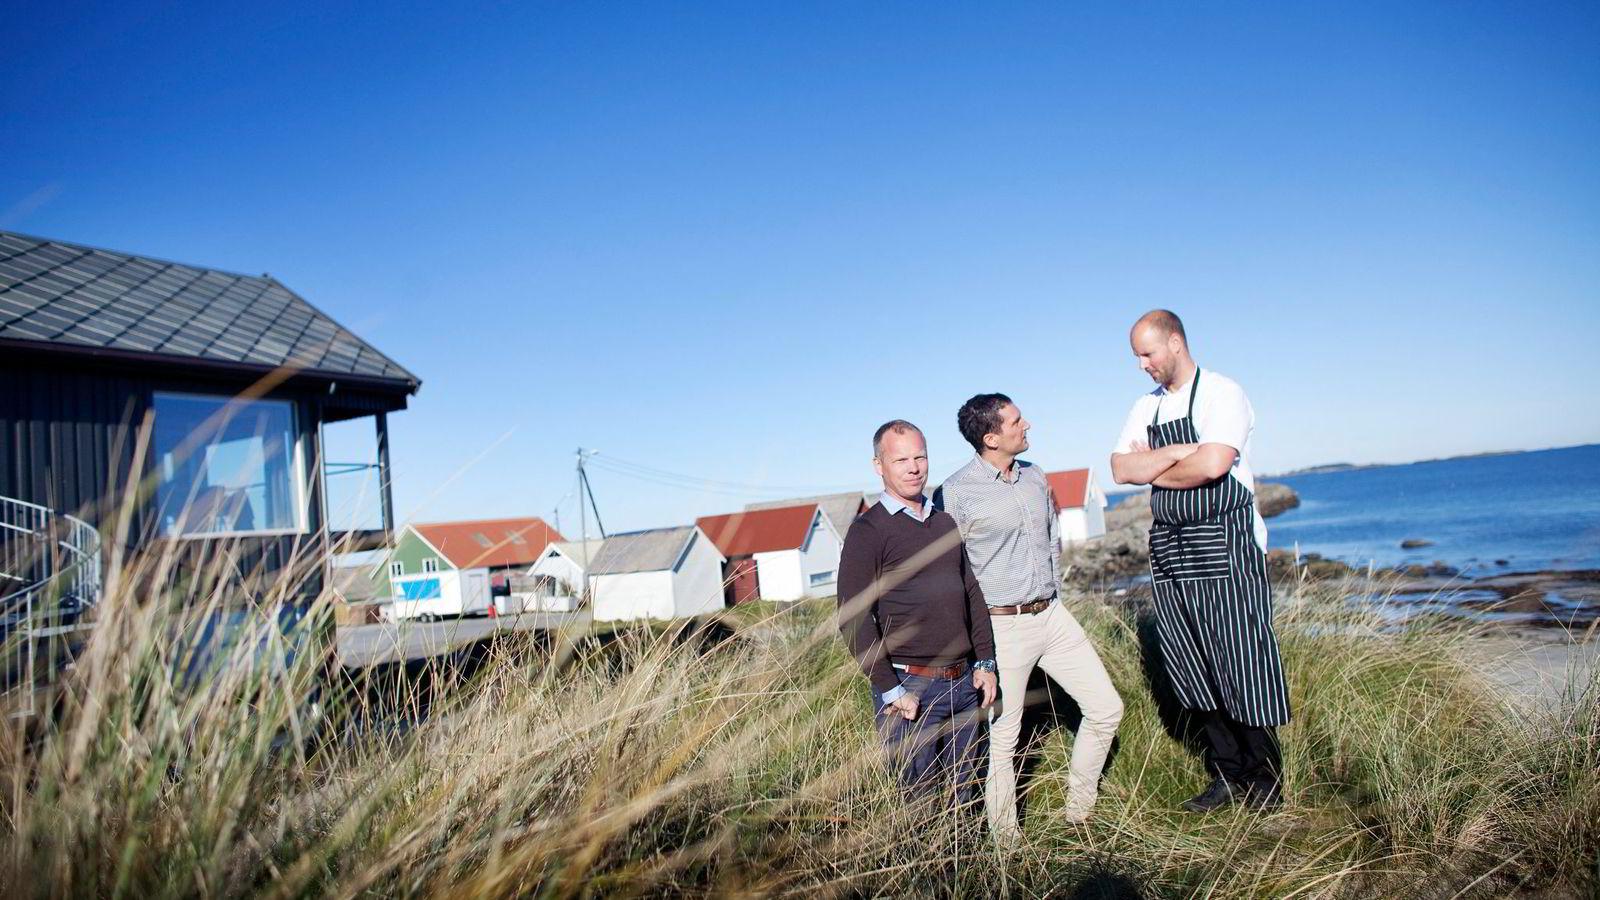 Eier Christian Waage (fra venstre) står i sanddynene ved Ølberg Strandhus sammen med daglig leder Raymond Helland og nyansatt kjøkkensjef Andreas Myhrvold. Nordsjøen skvalper et par meter fra husveggen. Begge foto: Tomas Larsen